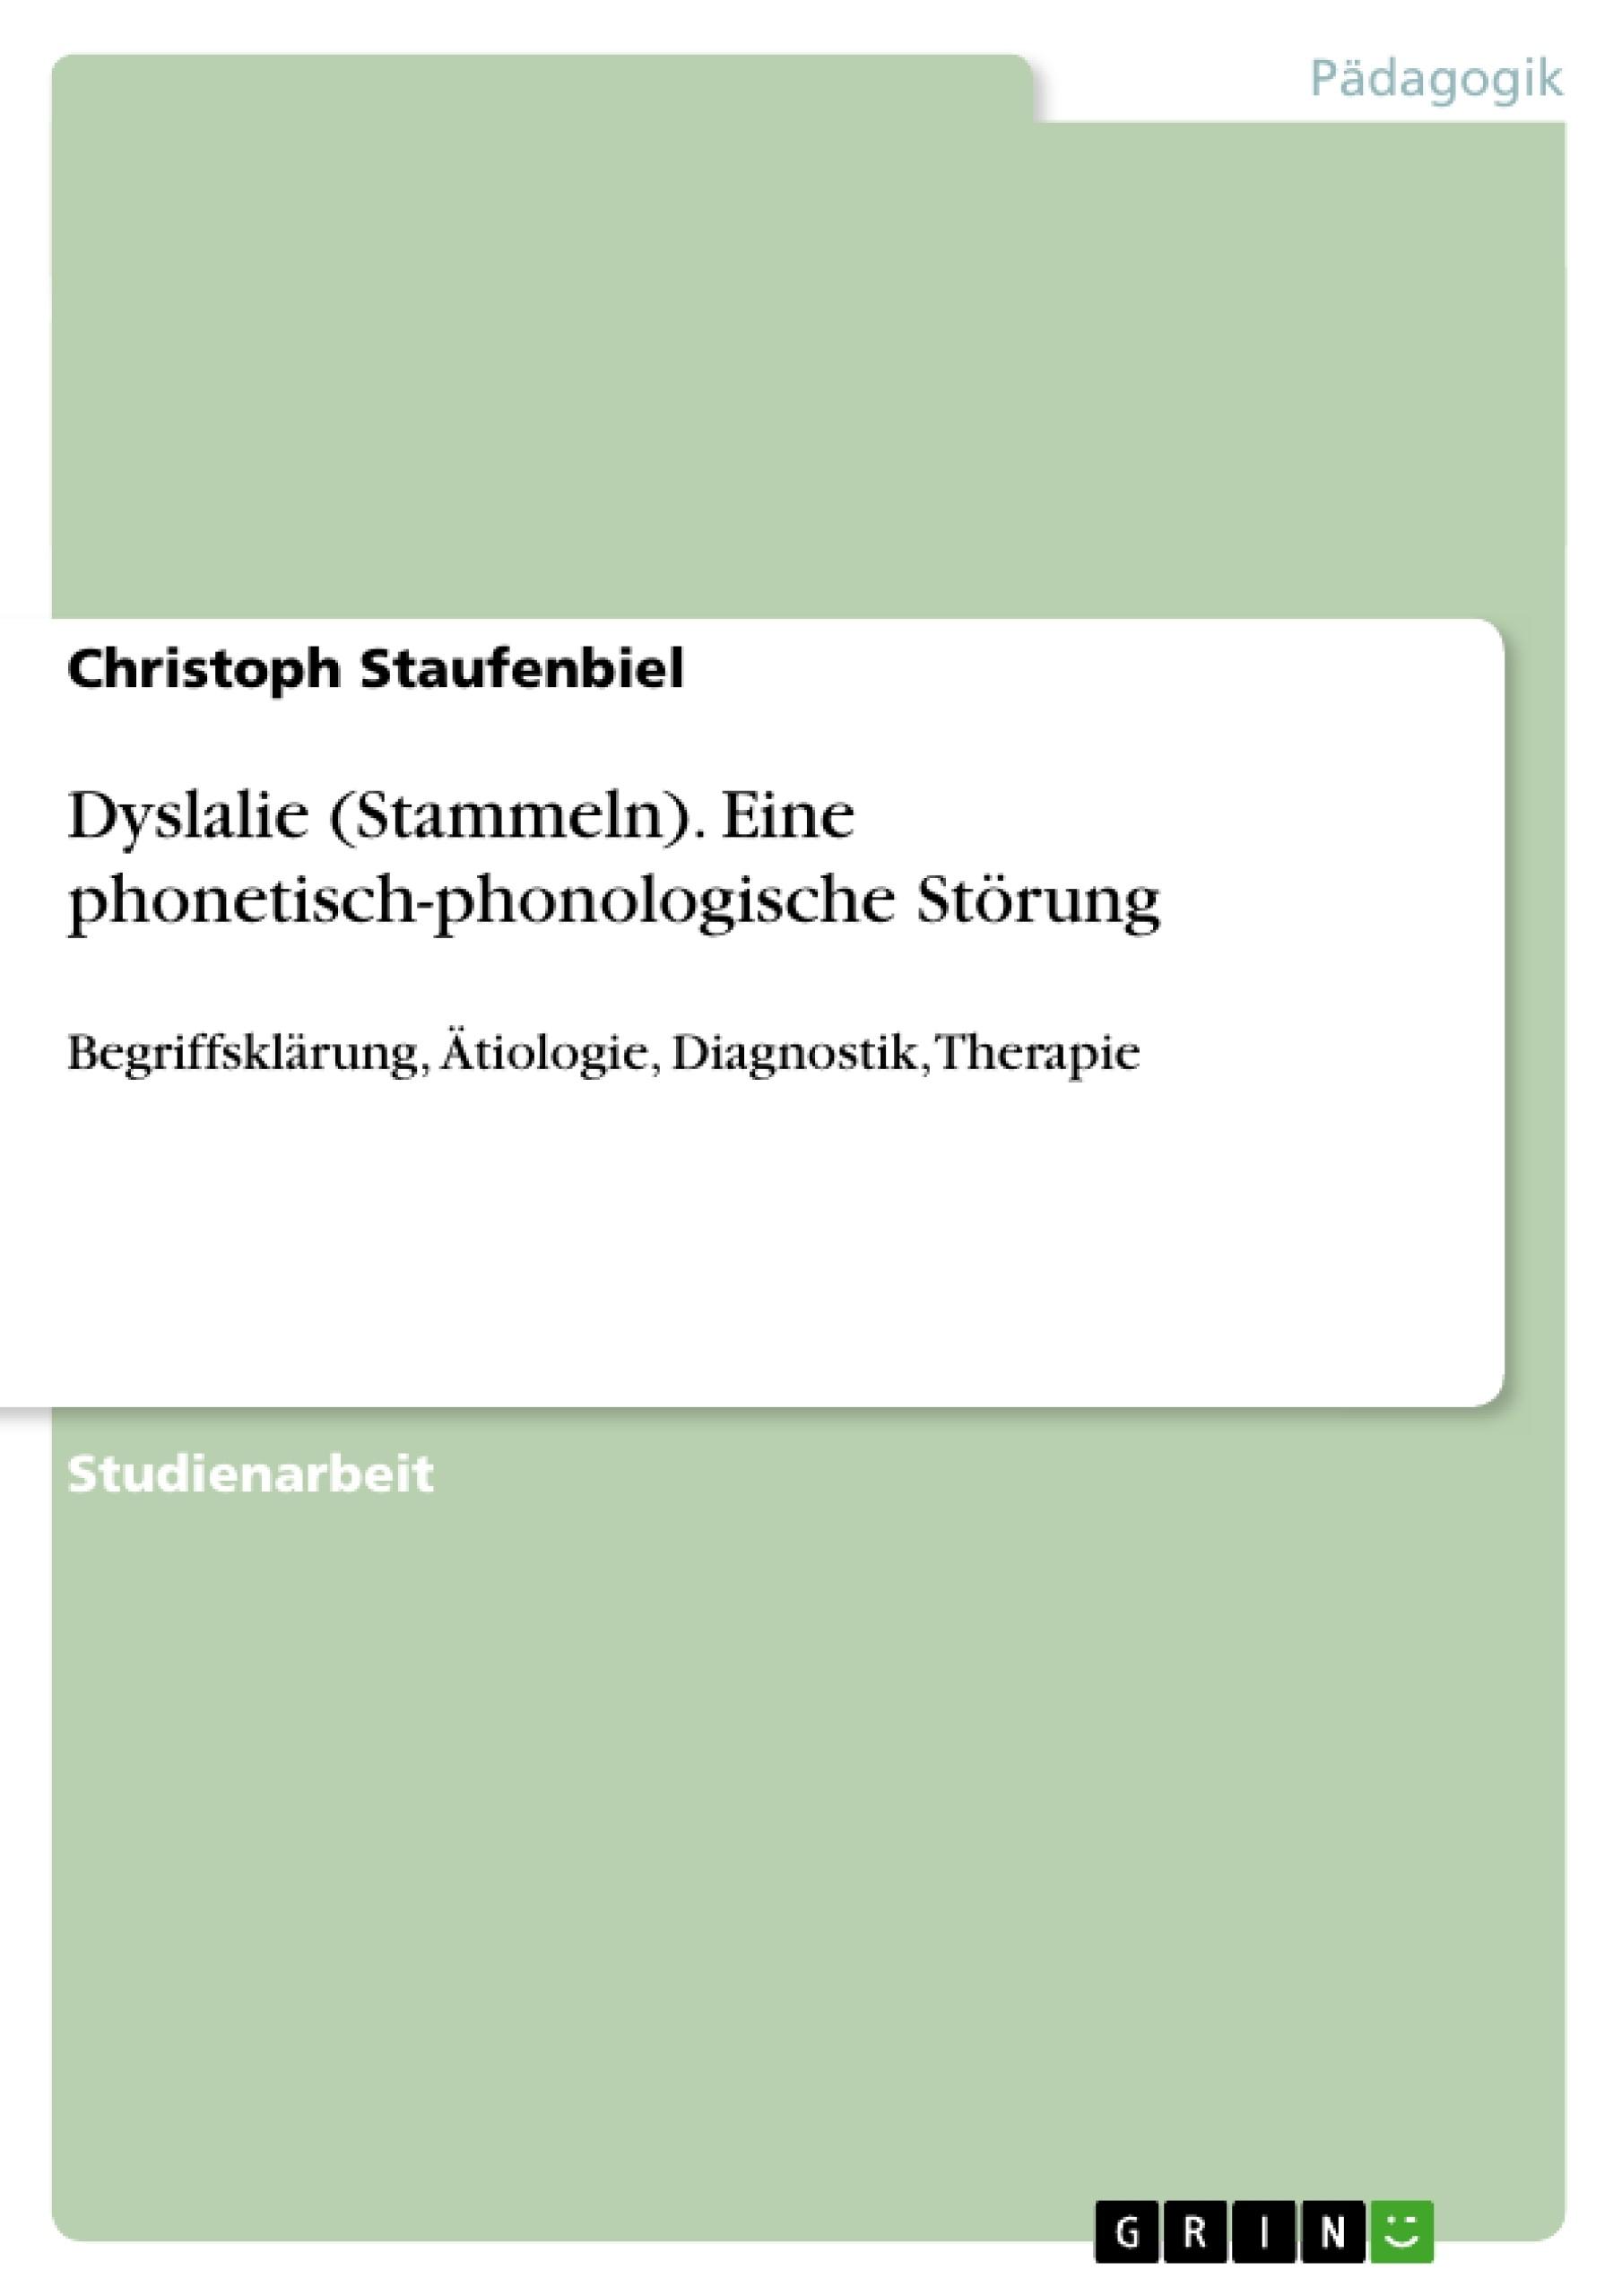 Titel: Dyslalie (Stammeln). Eine phonetisch-phonologische Störung